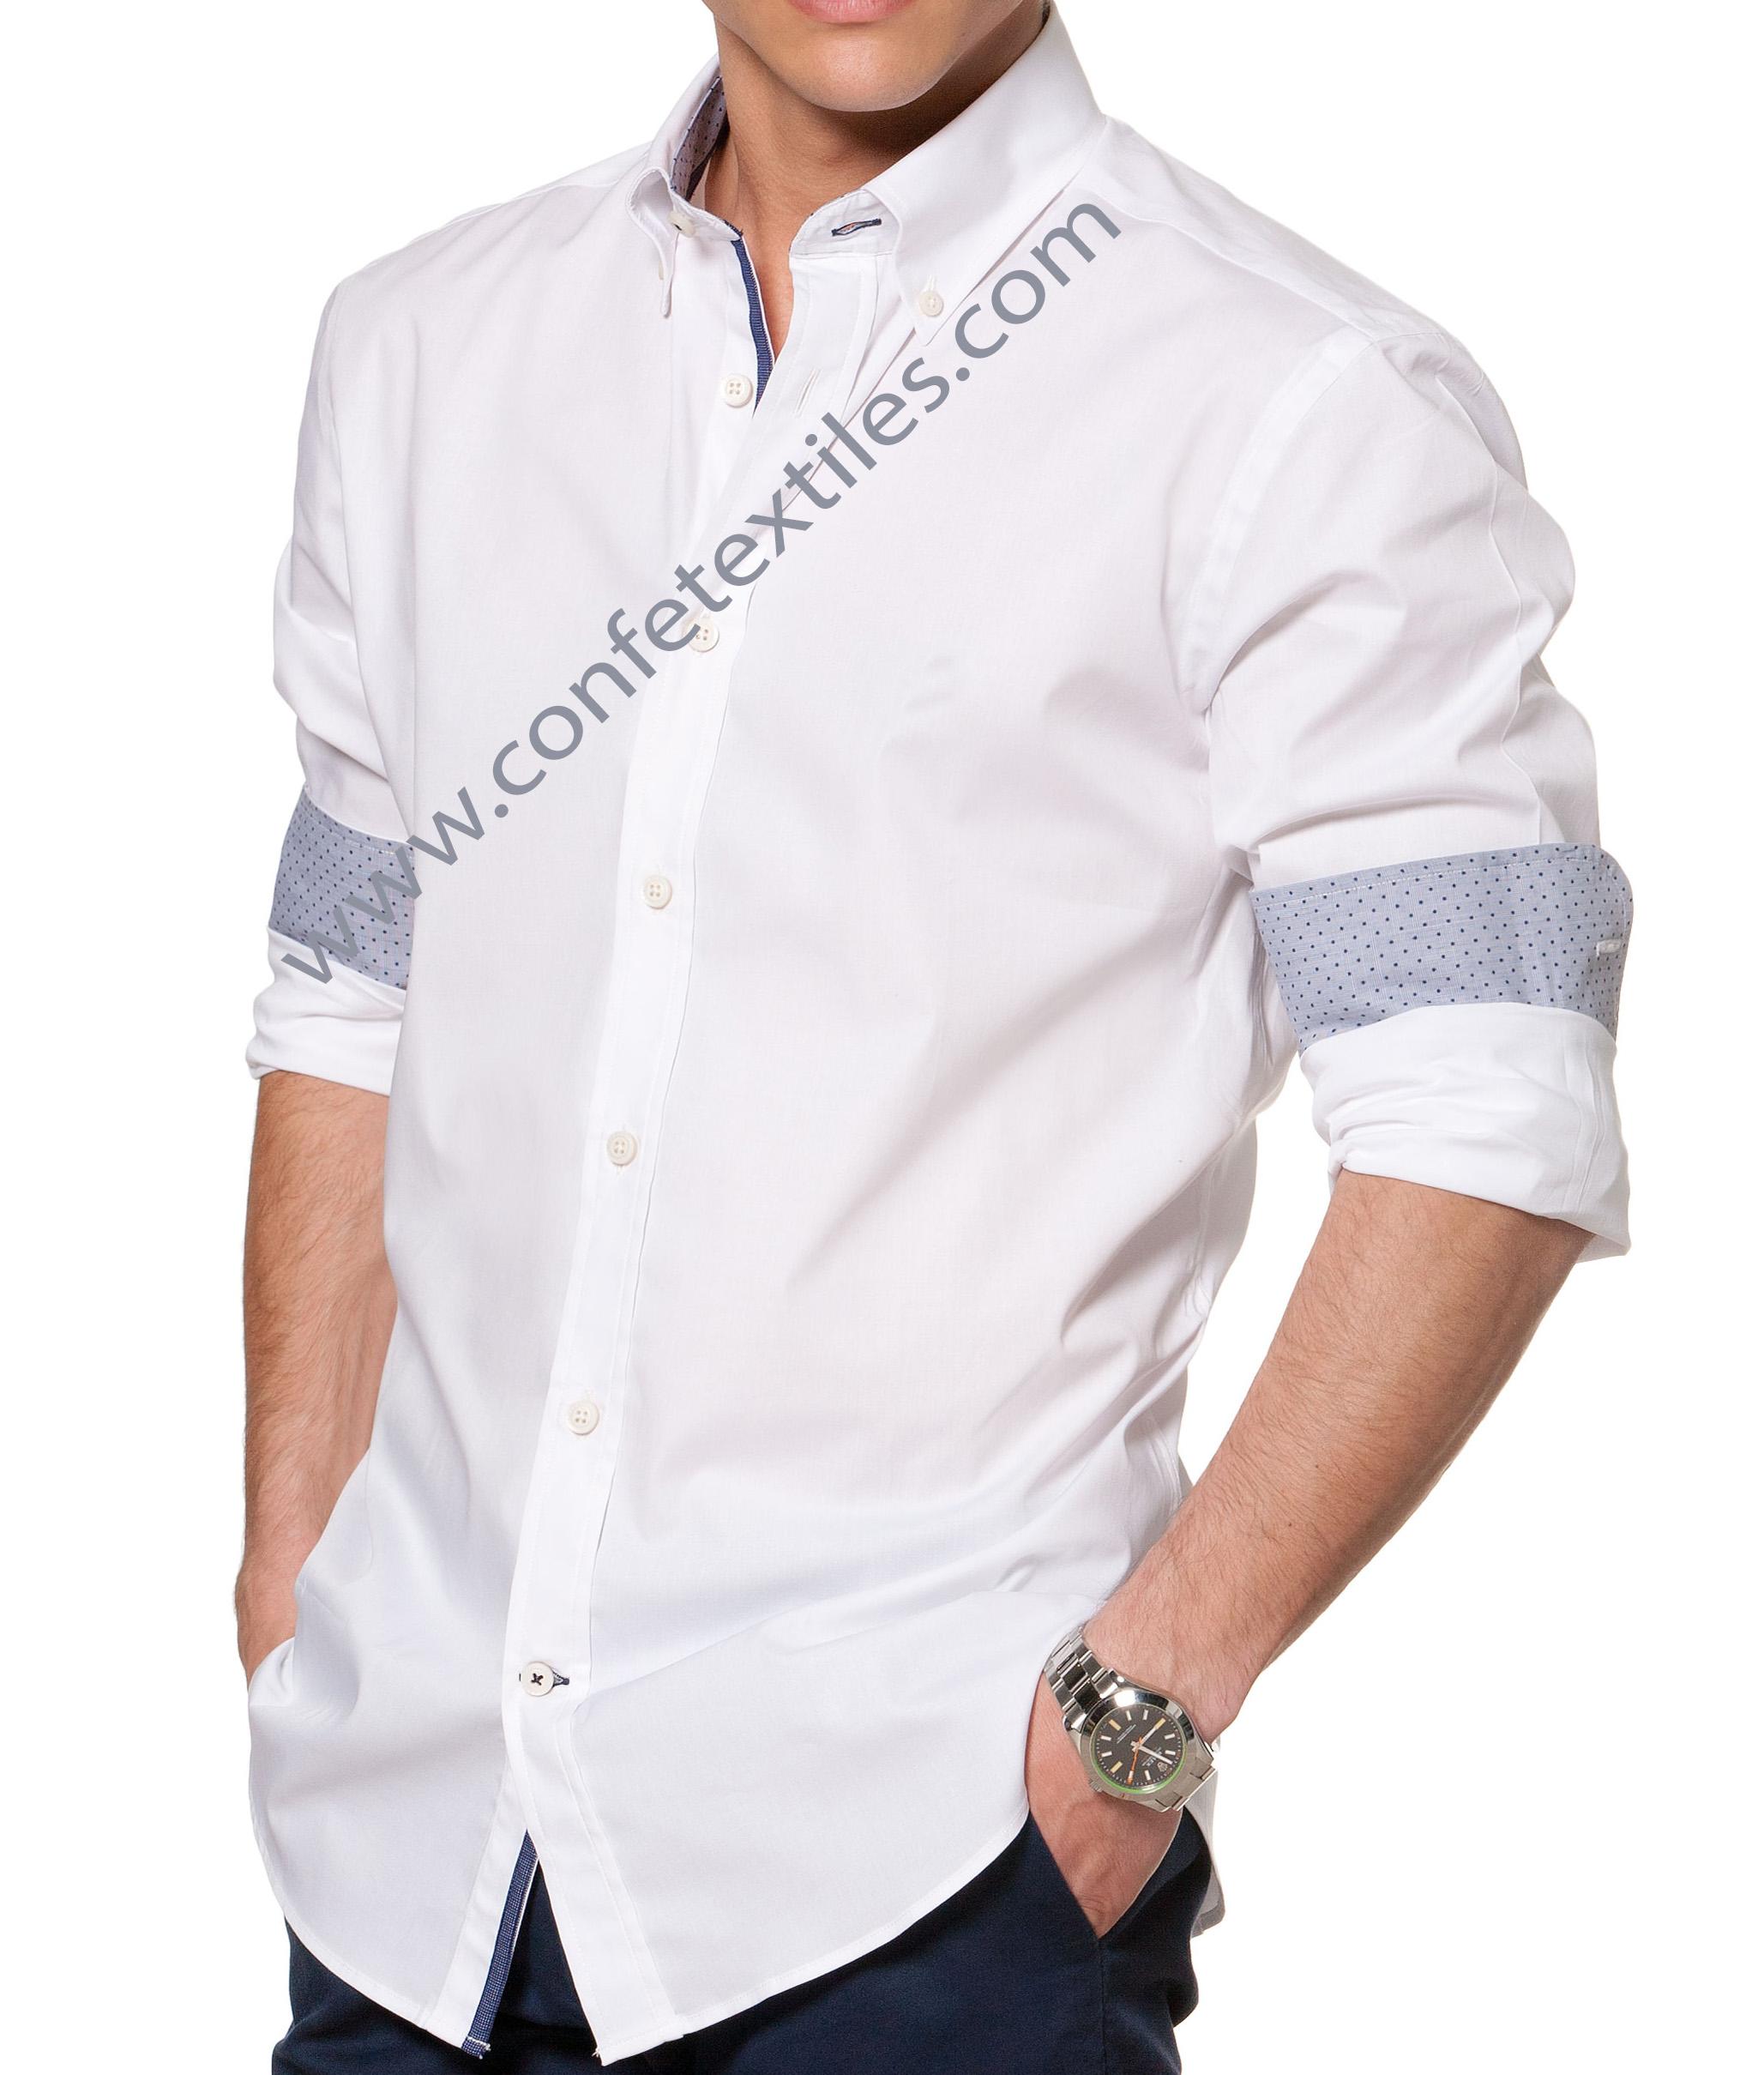 camisa blanco 100%algodon con aplicacion